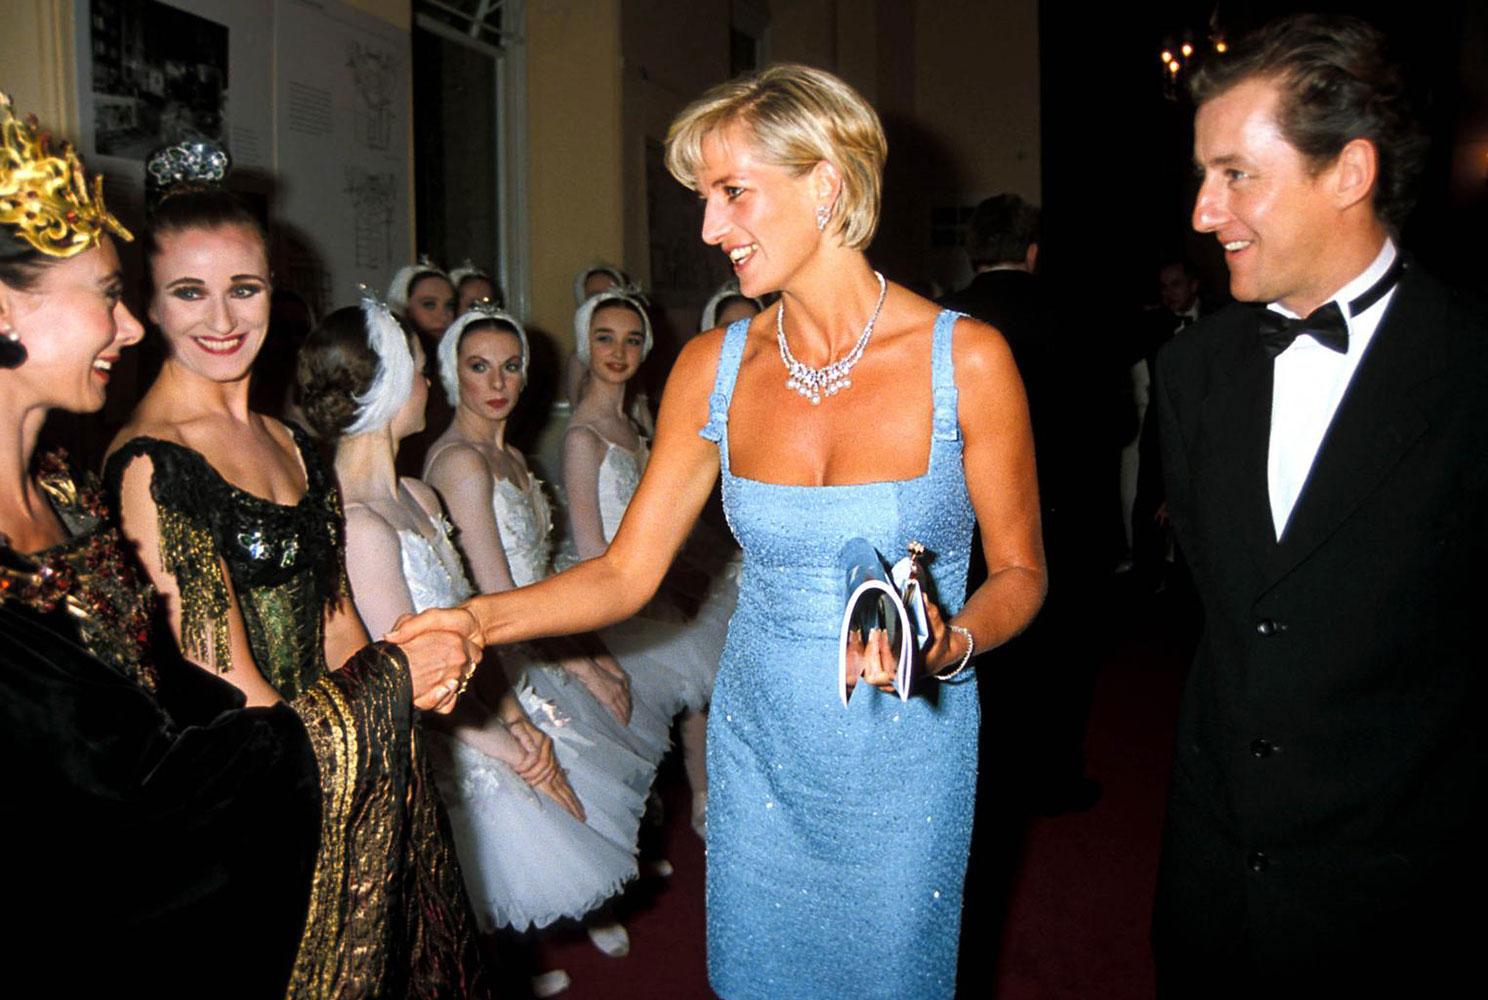 Món trang sức kinh điển của công nương Diana: Bộ vòng Swan Lake